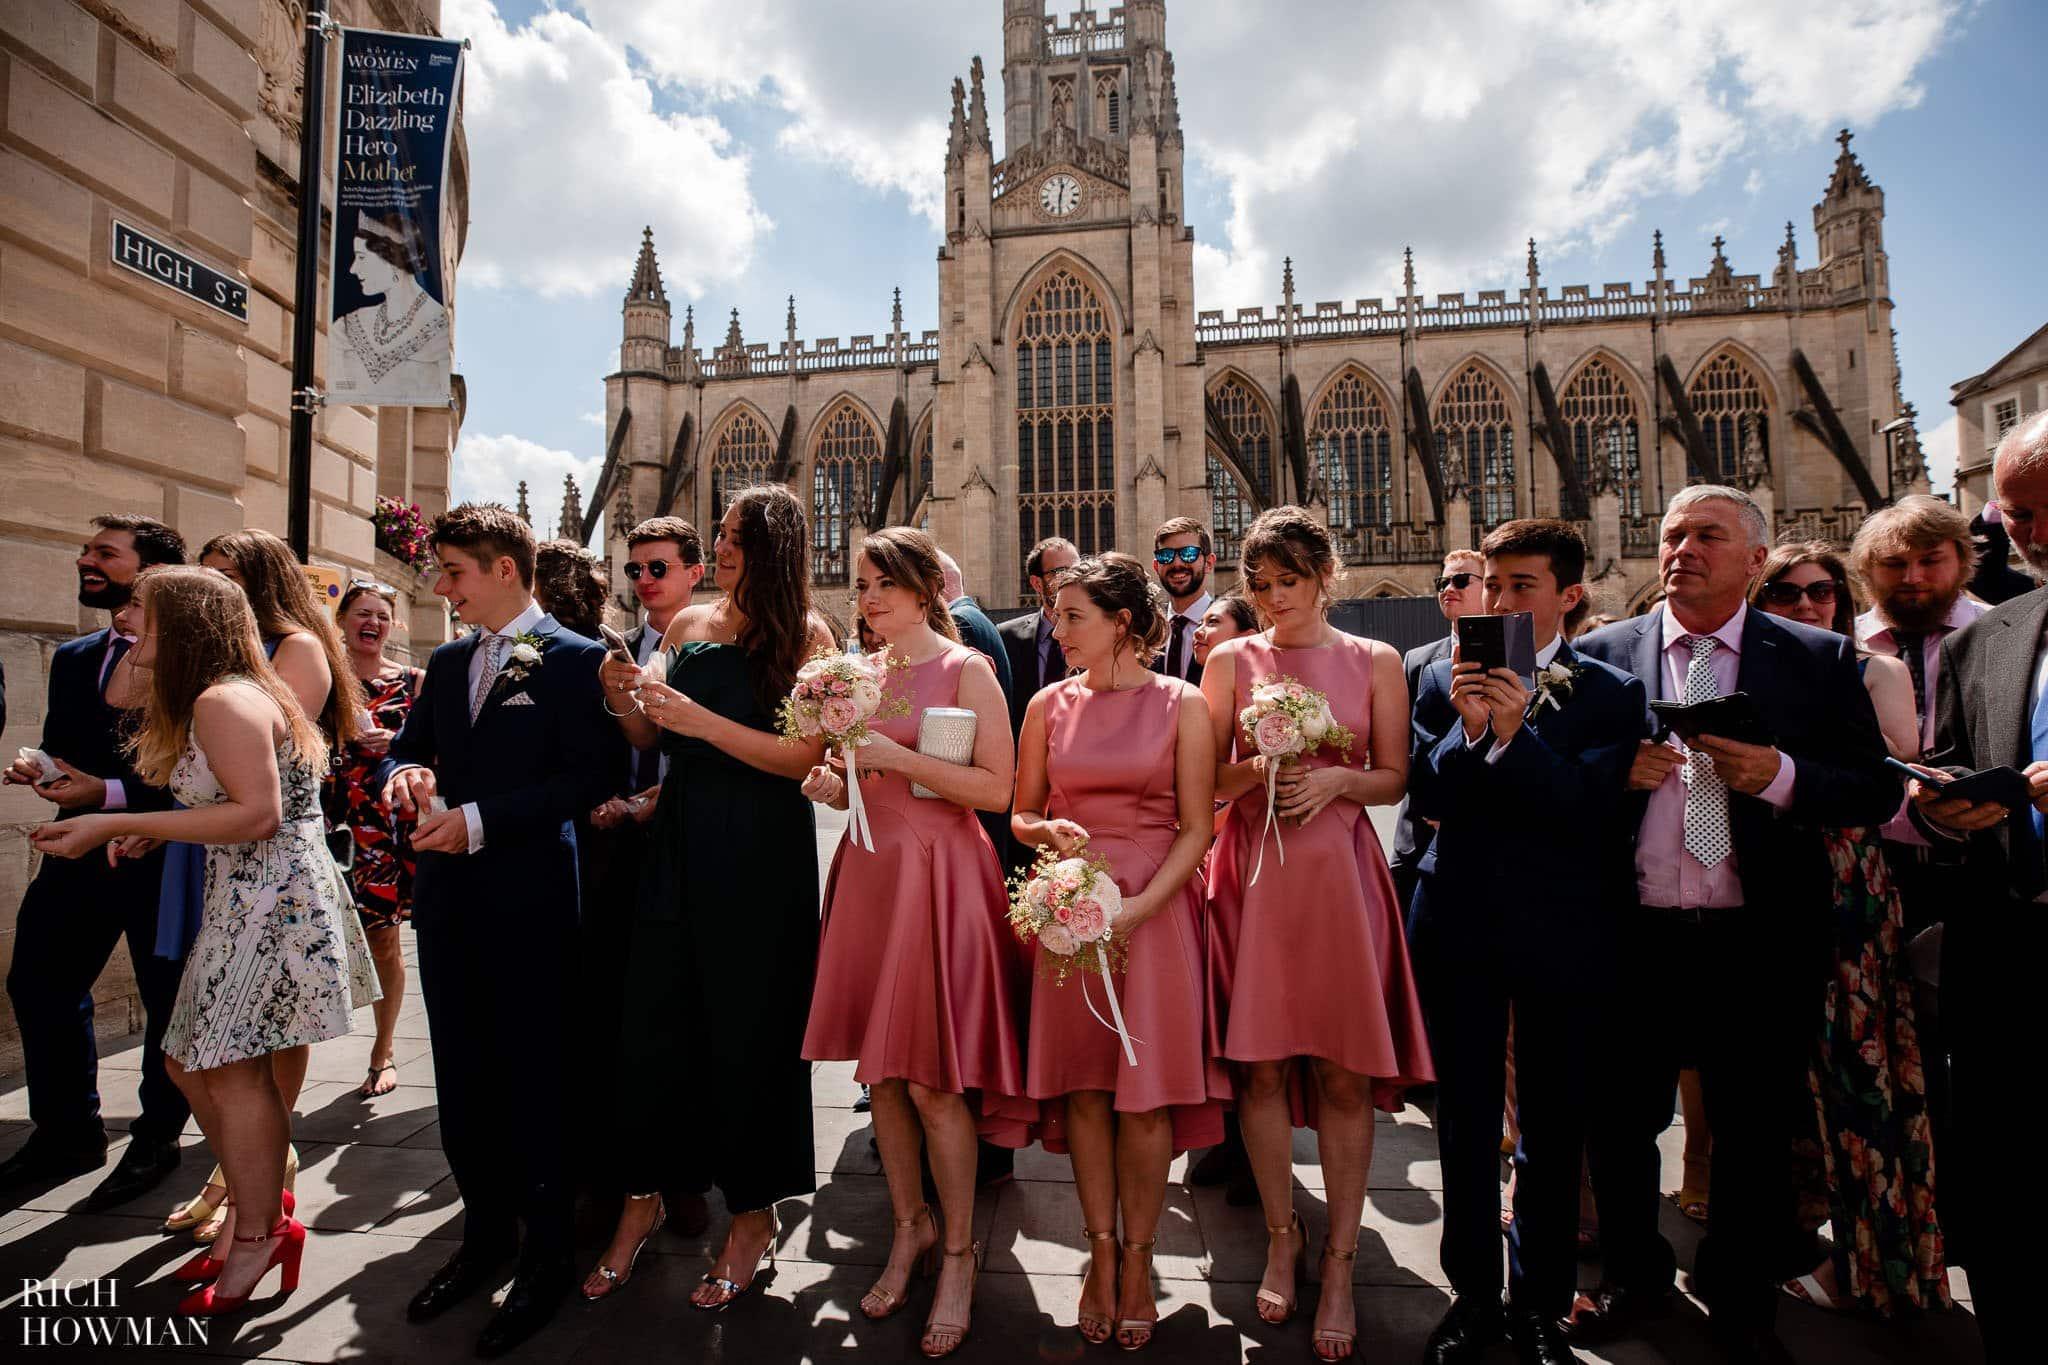 Bath Guildhall Wedding | Gloucestershire Farm Reception 80